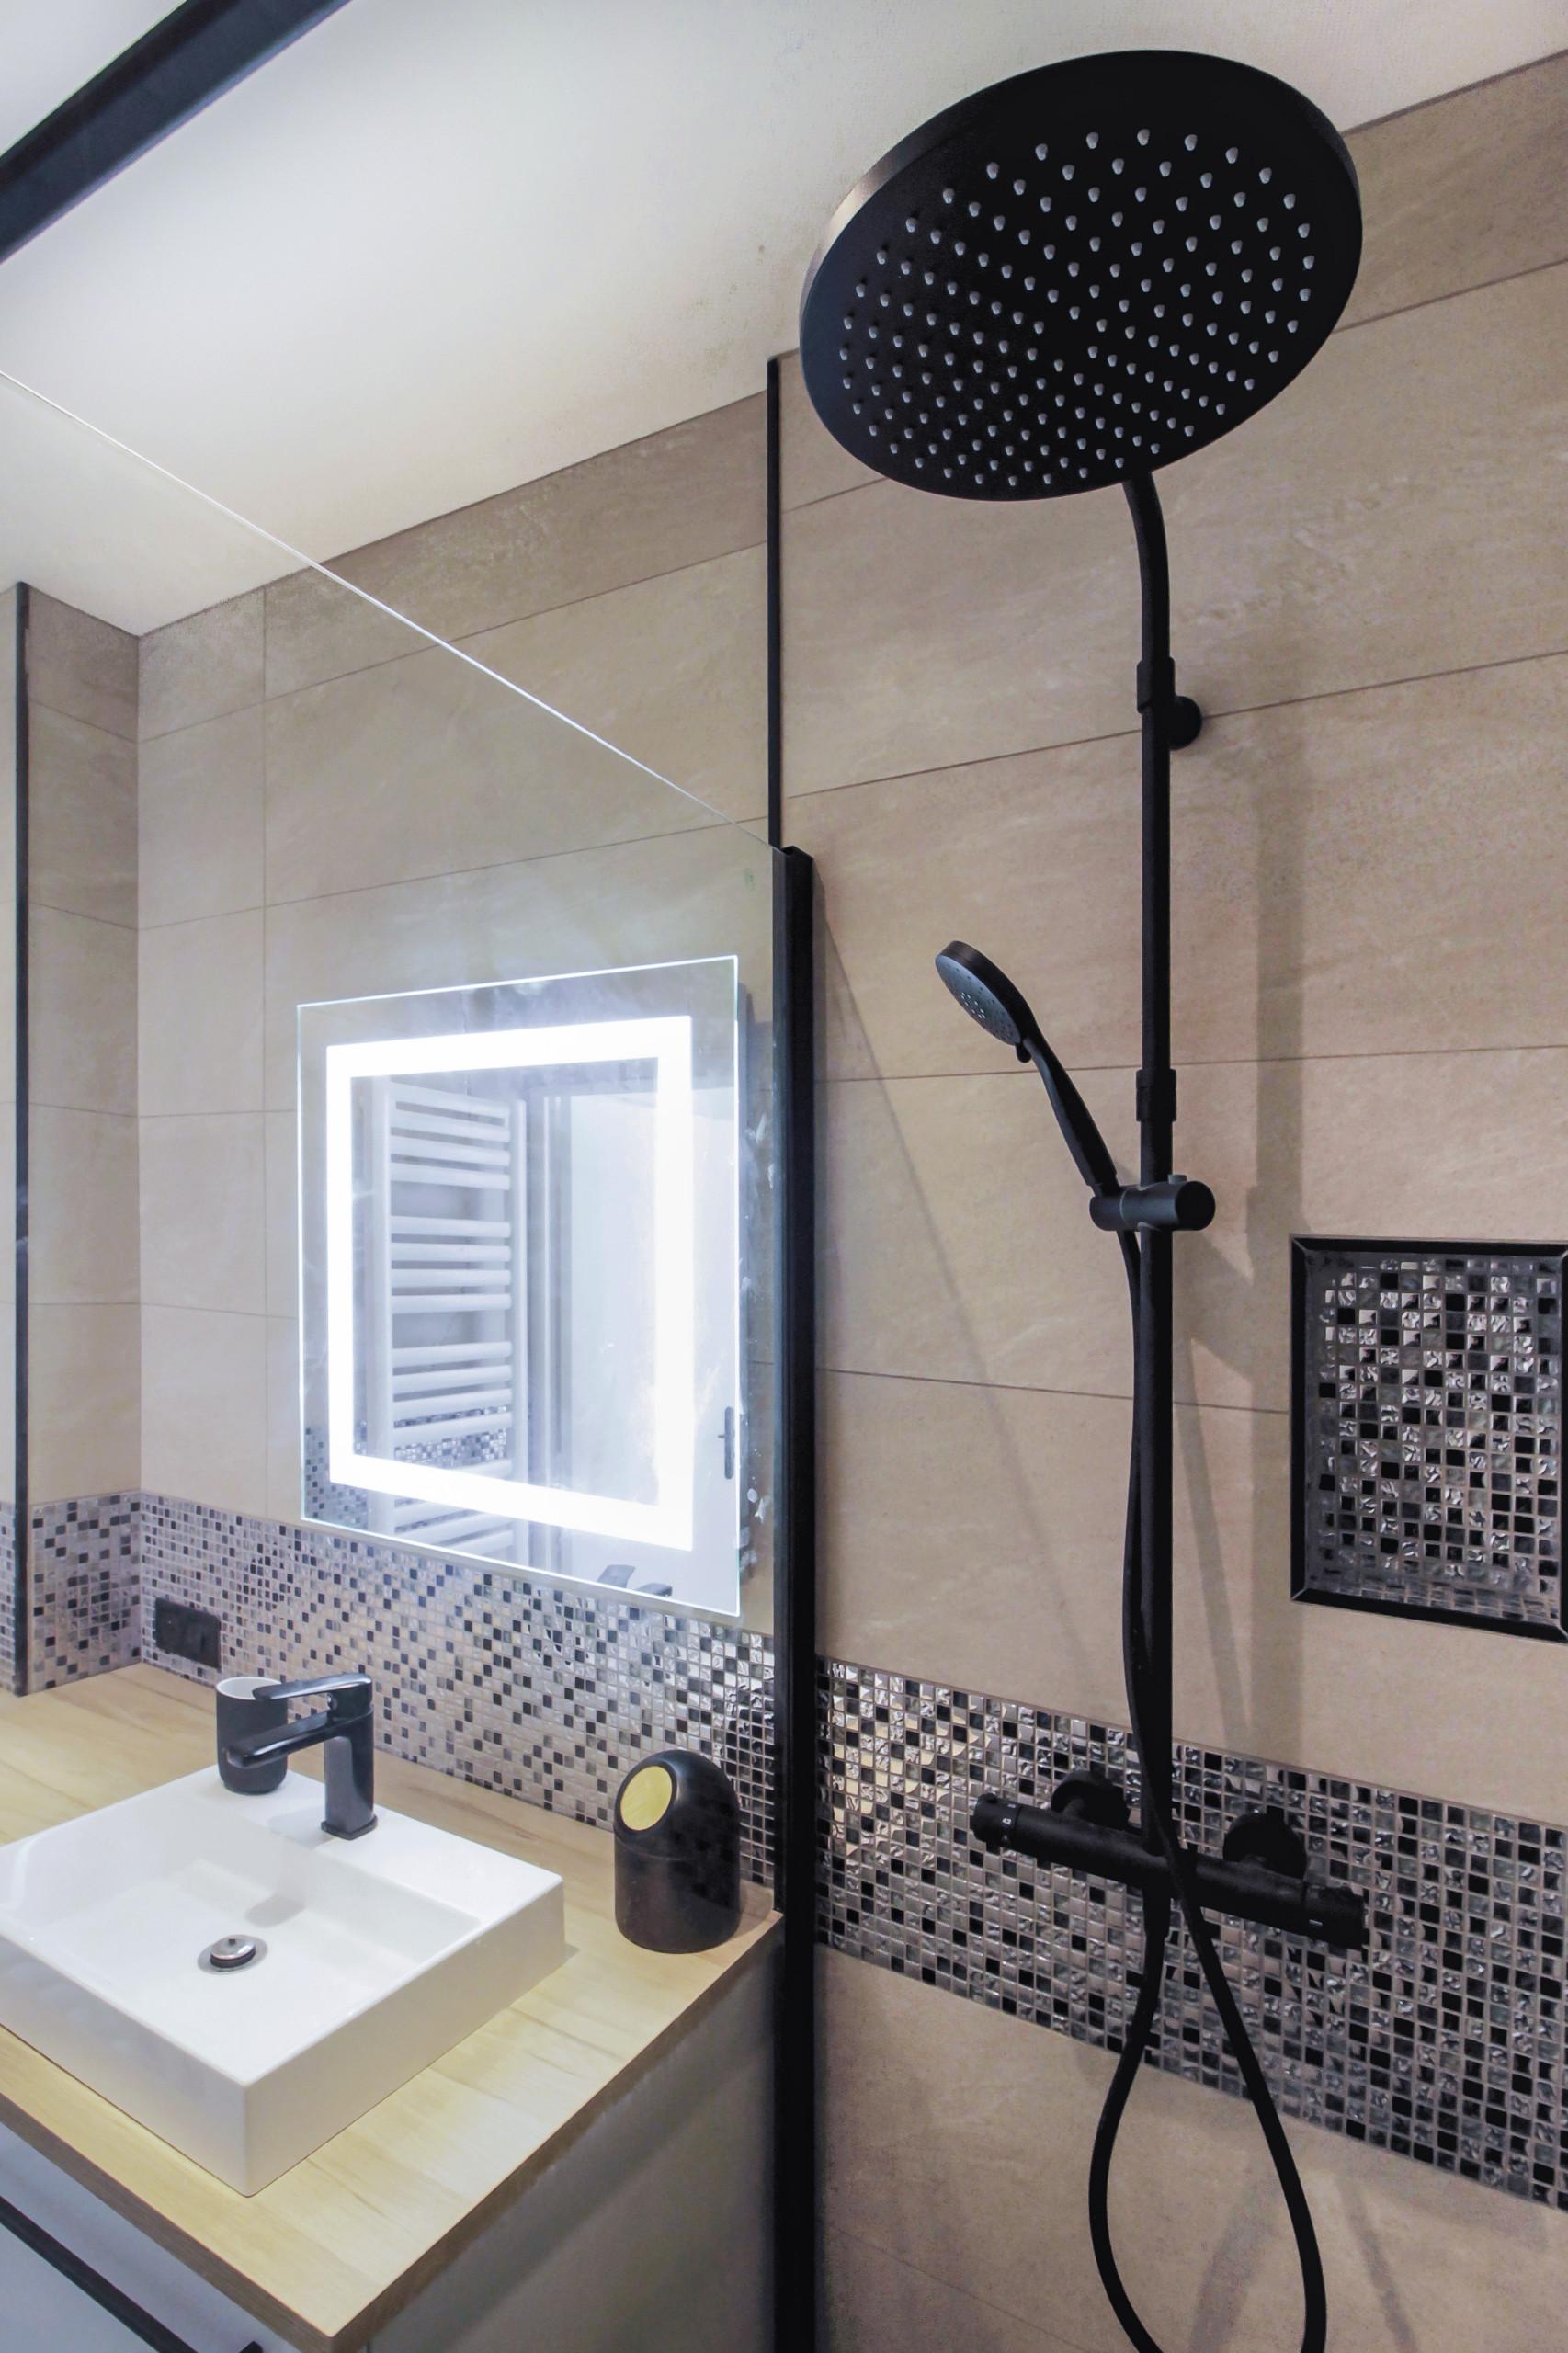 Rénovation d'un appartement pour un projet Airbnb